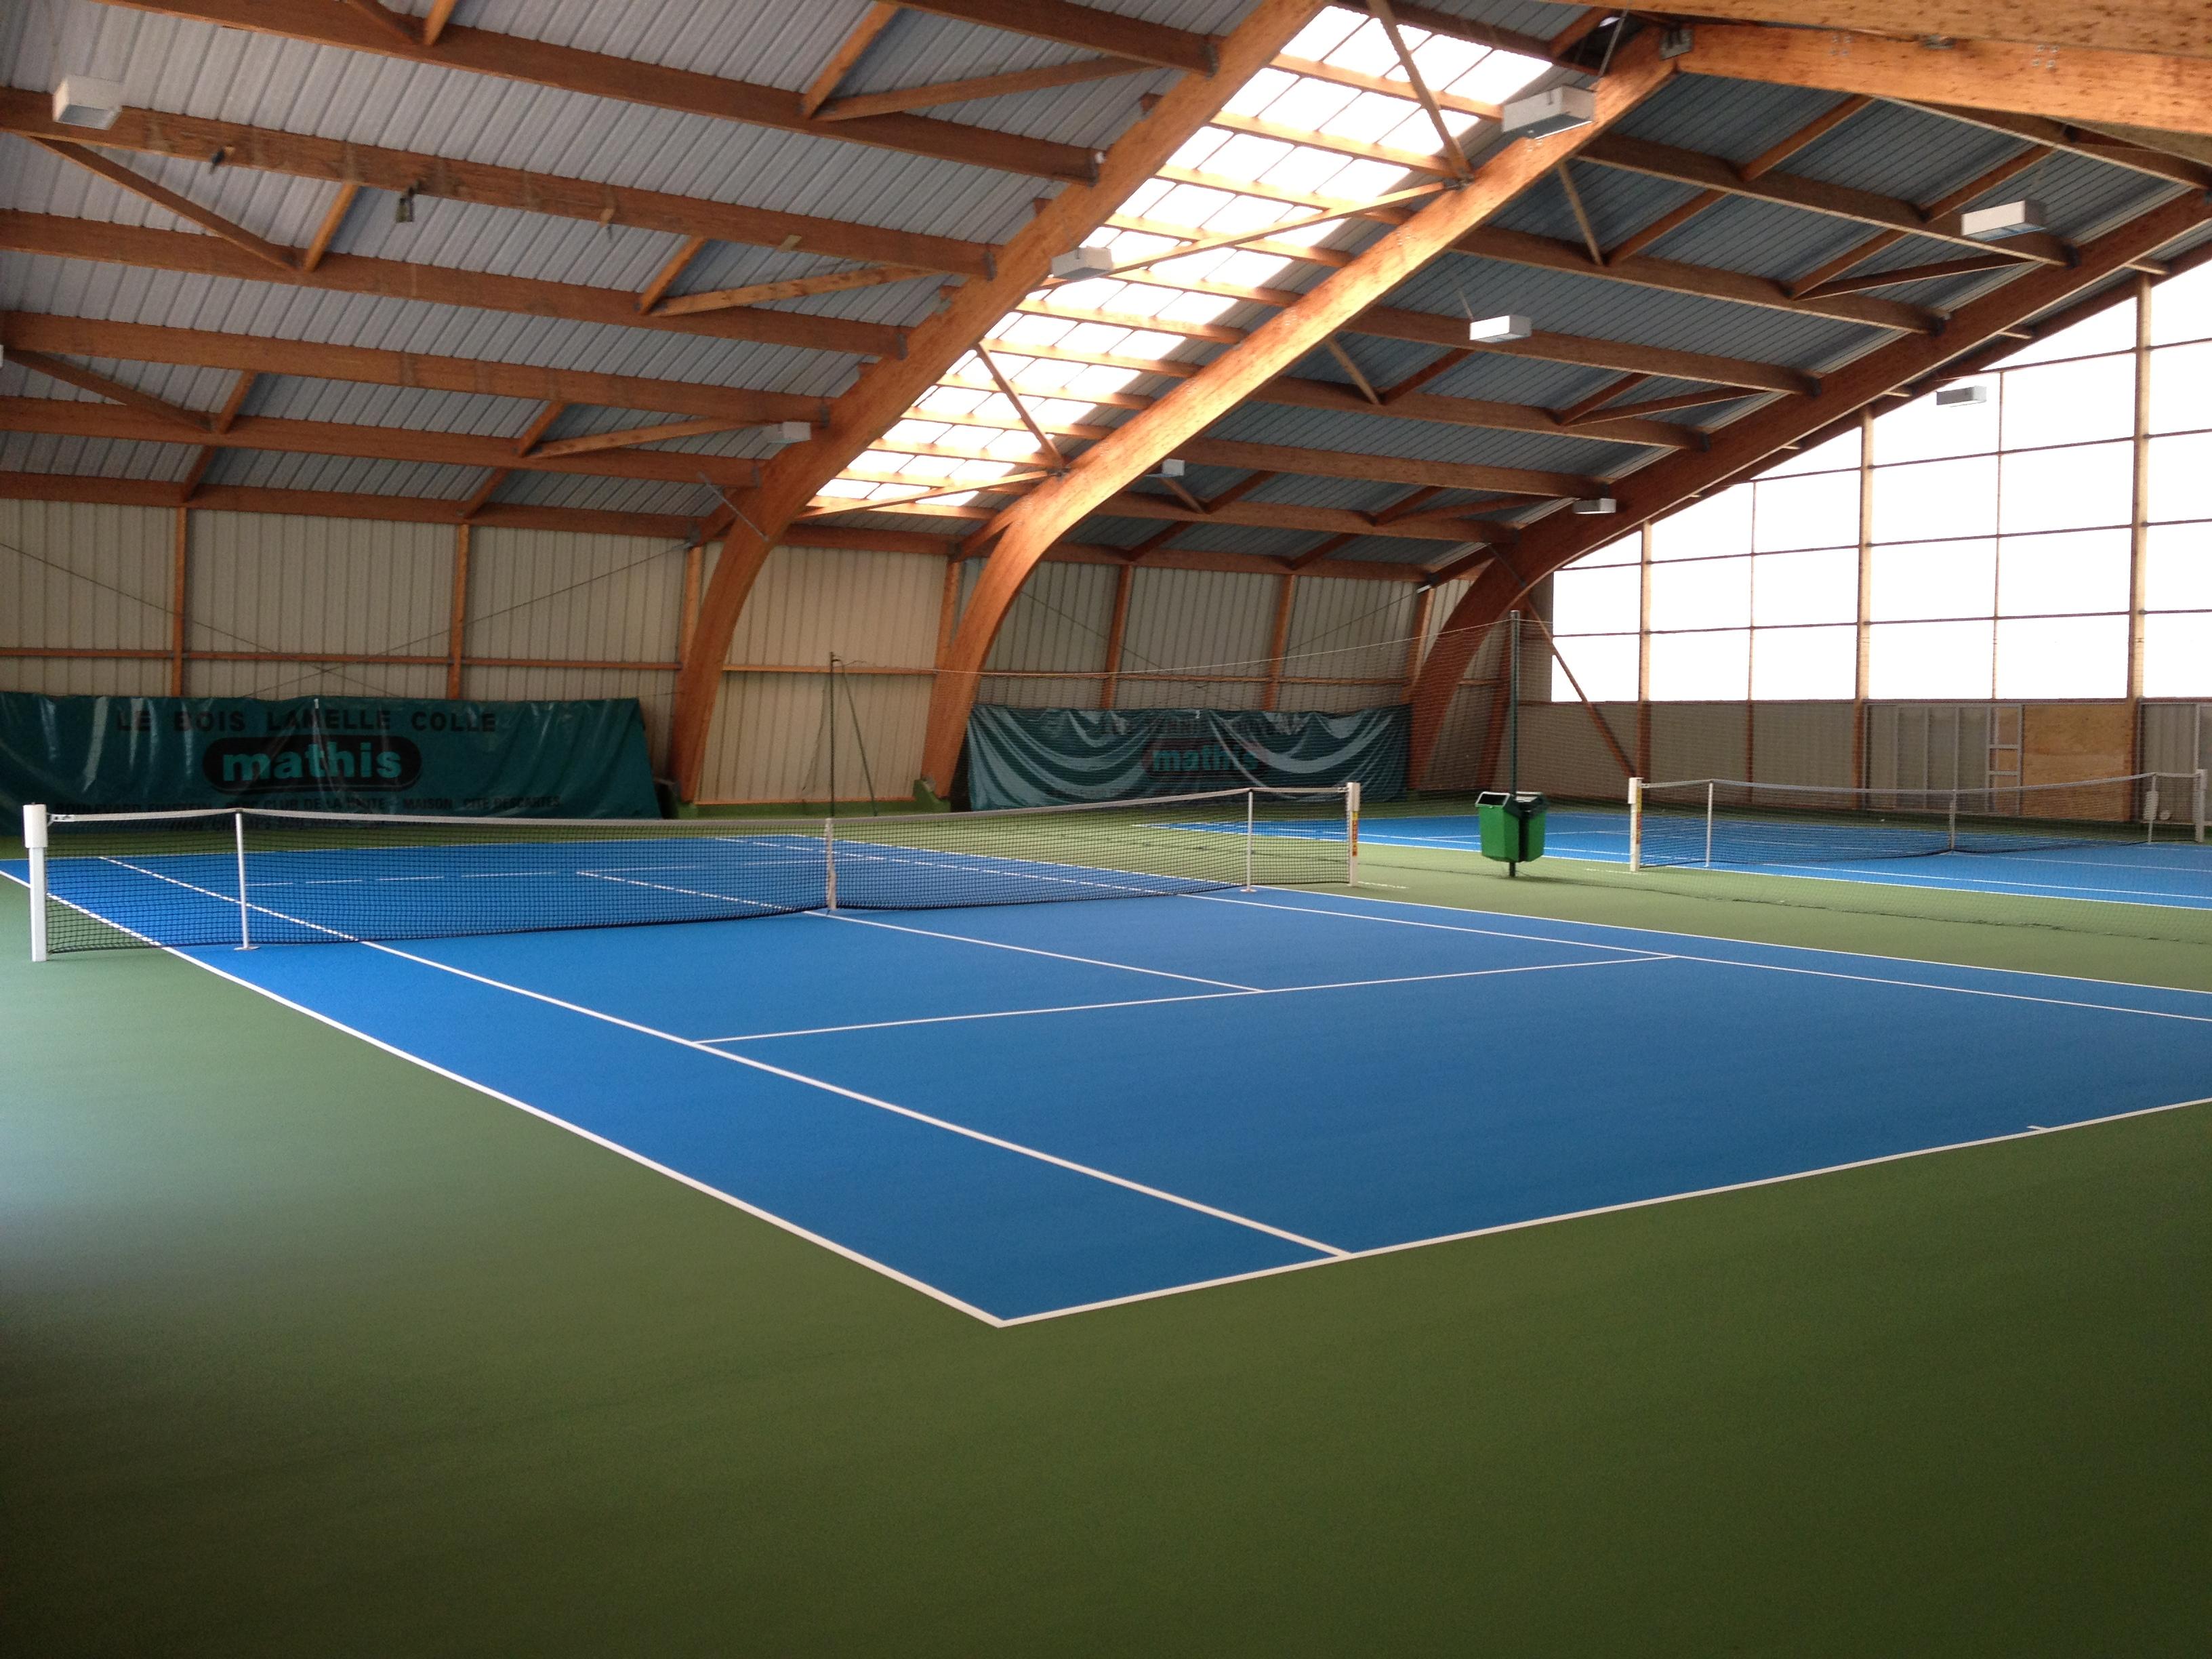 Une nouvelle superbe surface pour nos courts couverts for Club de tennis interieur saguenay